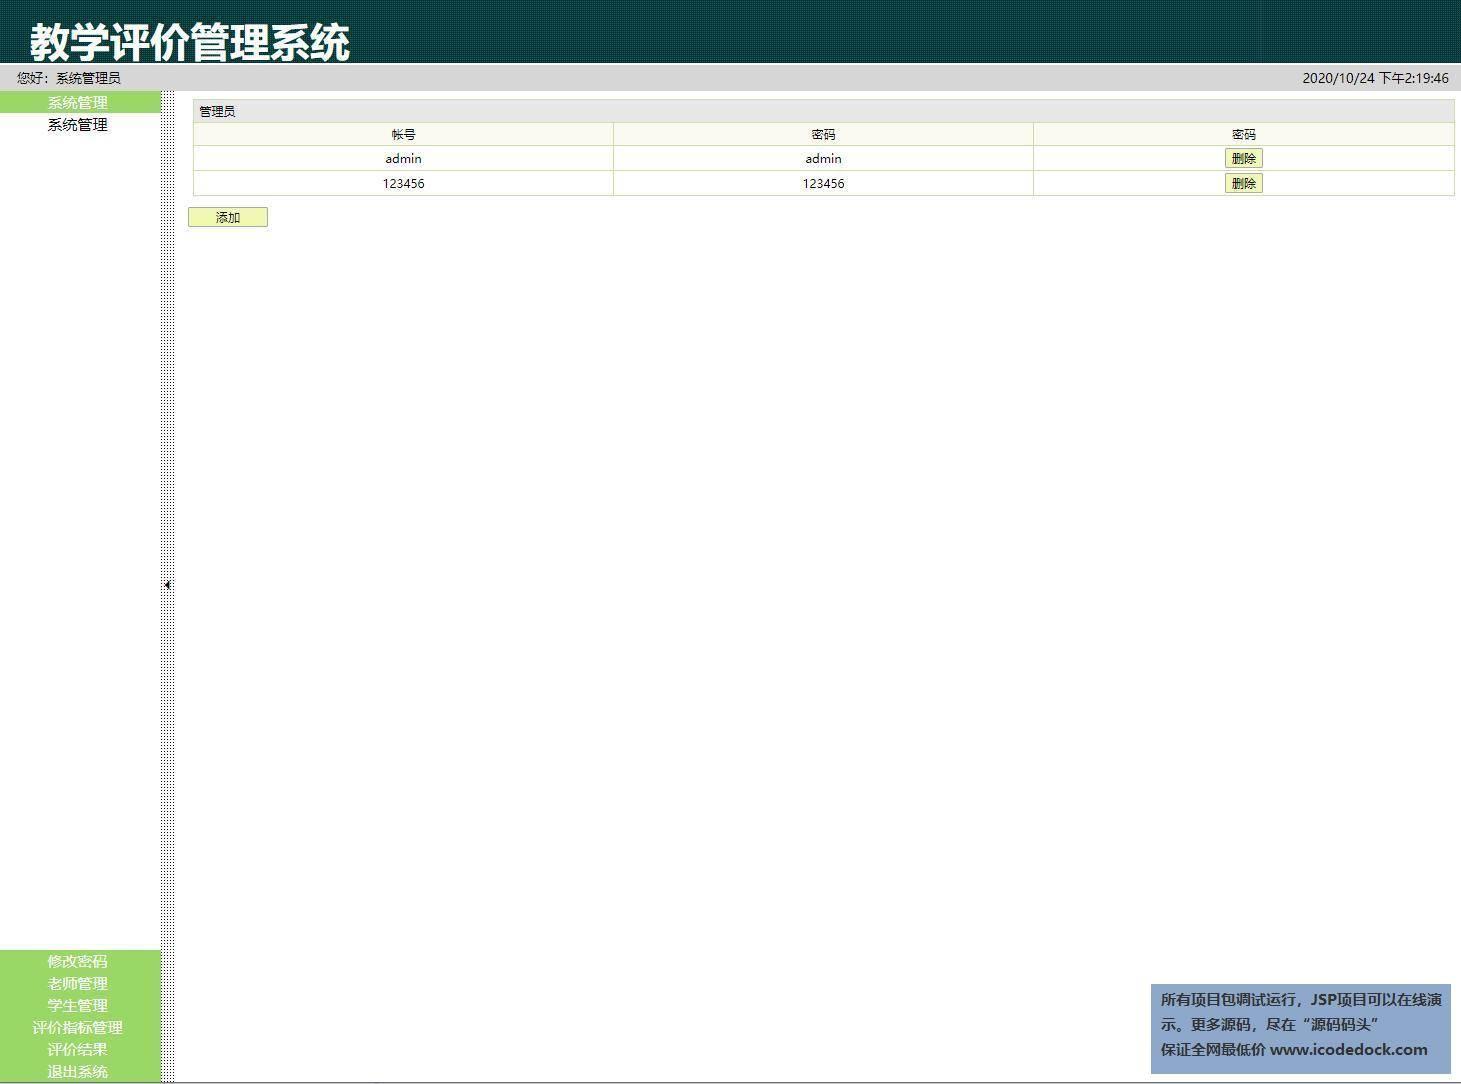 源码码头-JSP高校教学评价管理系统-管理员角色-管理员管理